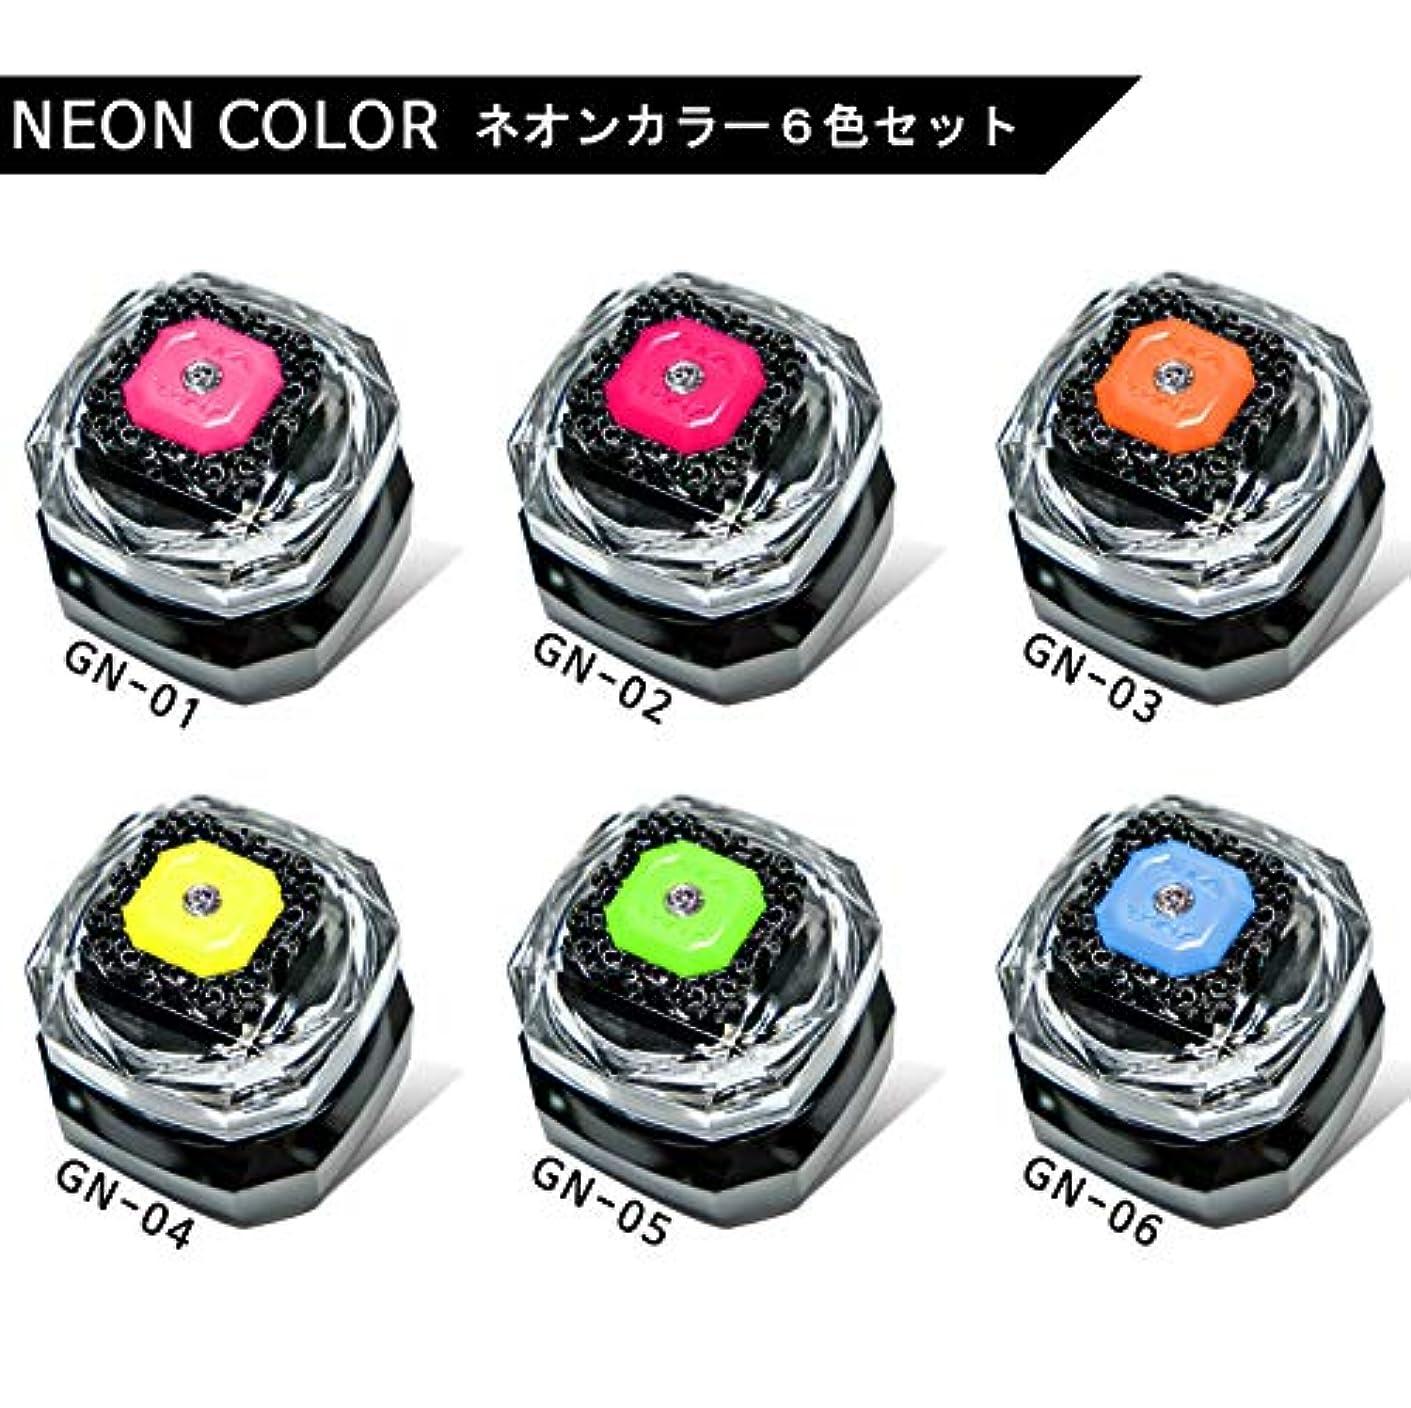 荒れ地鉛筆まともなKENZICO (ケンジコ) 夜光ジェル ネオンカラー お得な 6色SET